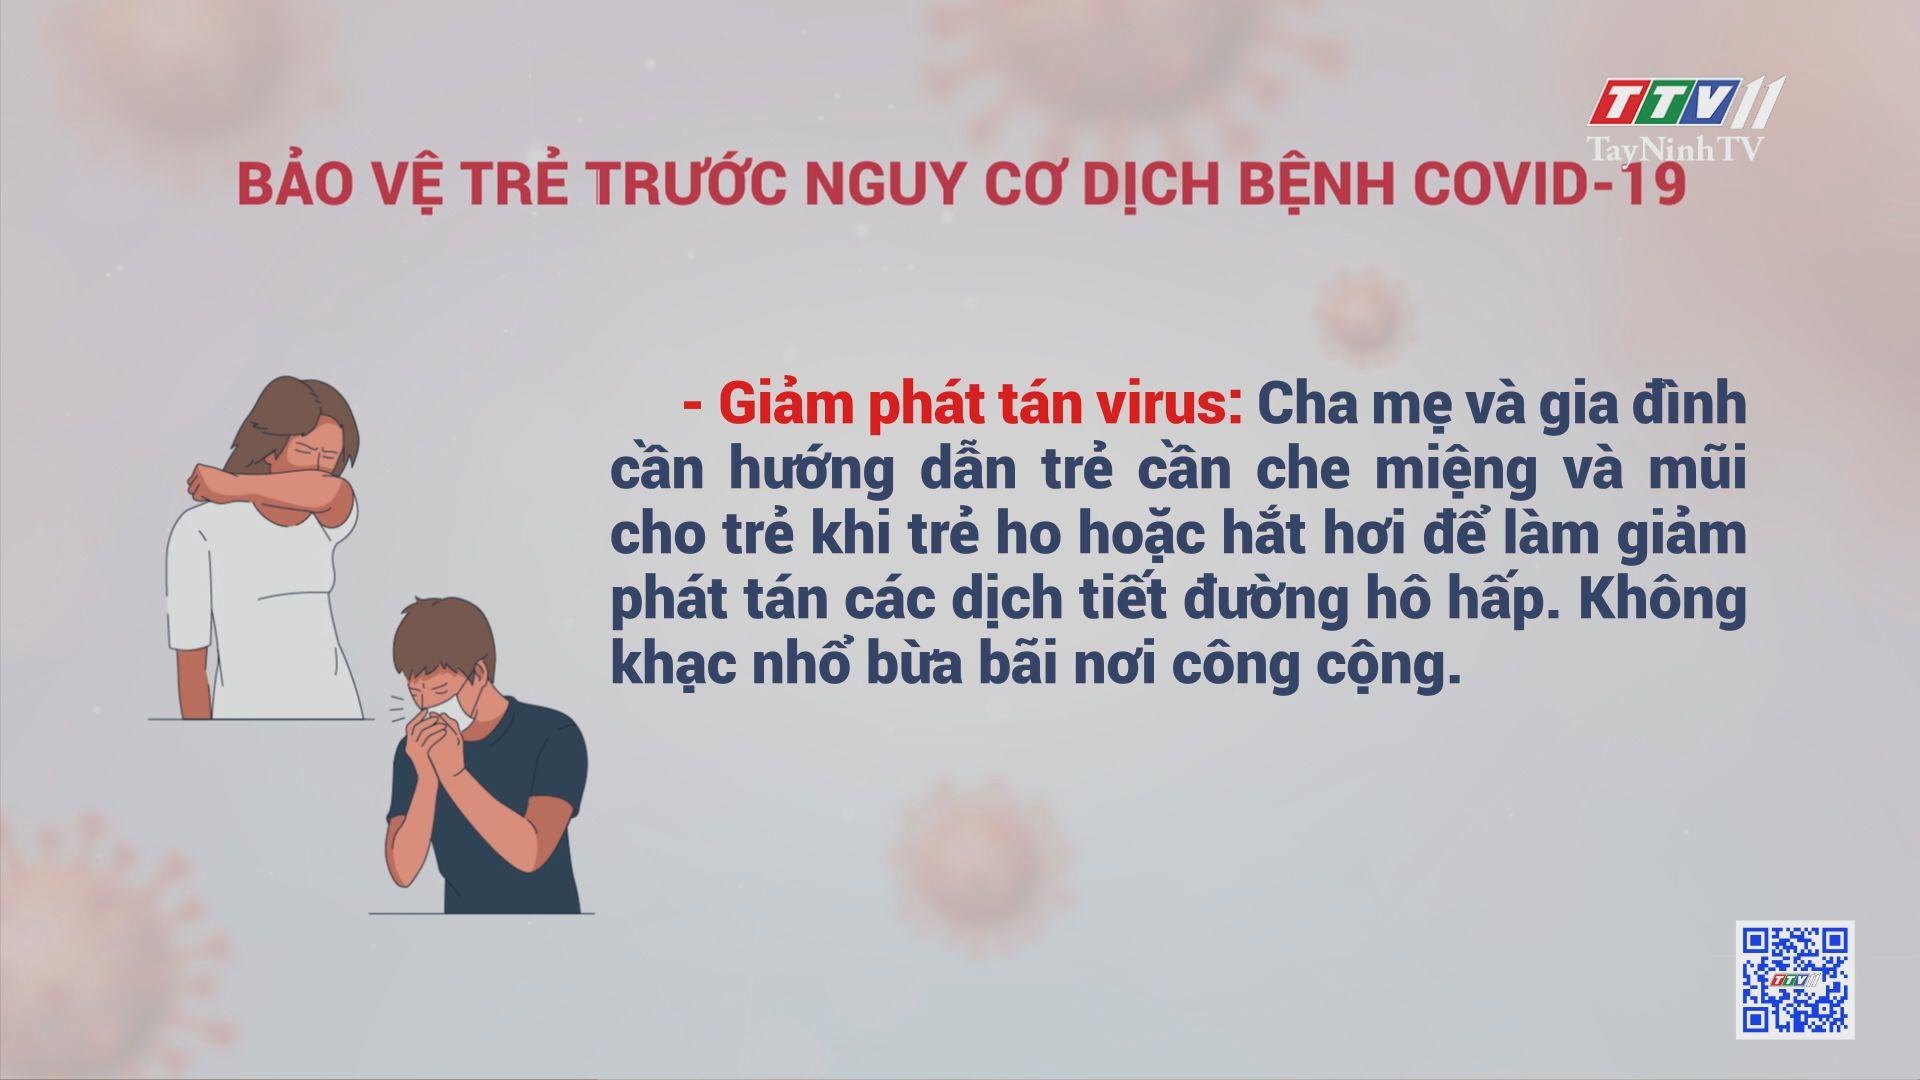 Bảo vệ trẻ trước nguy cơ dịch bệnh Covid-19 | TRANG TUỔI THƠ | TayNinhTV